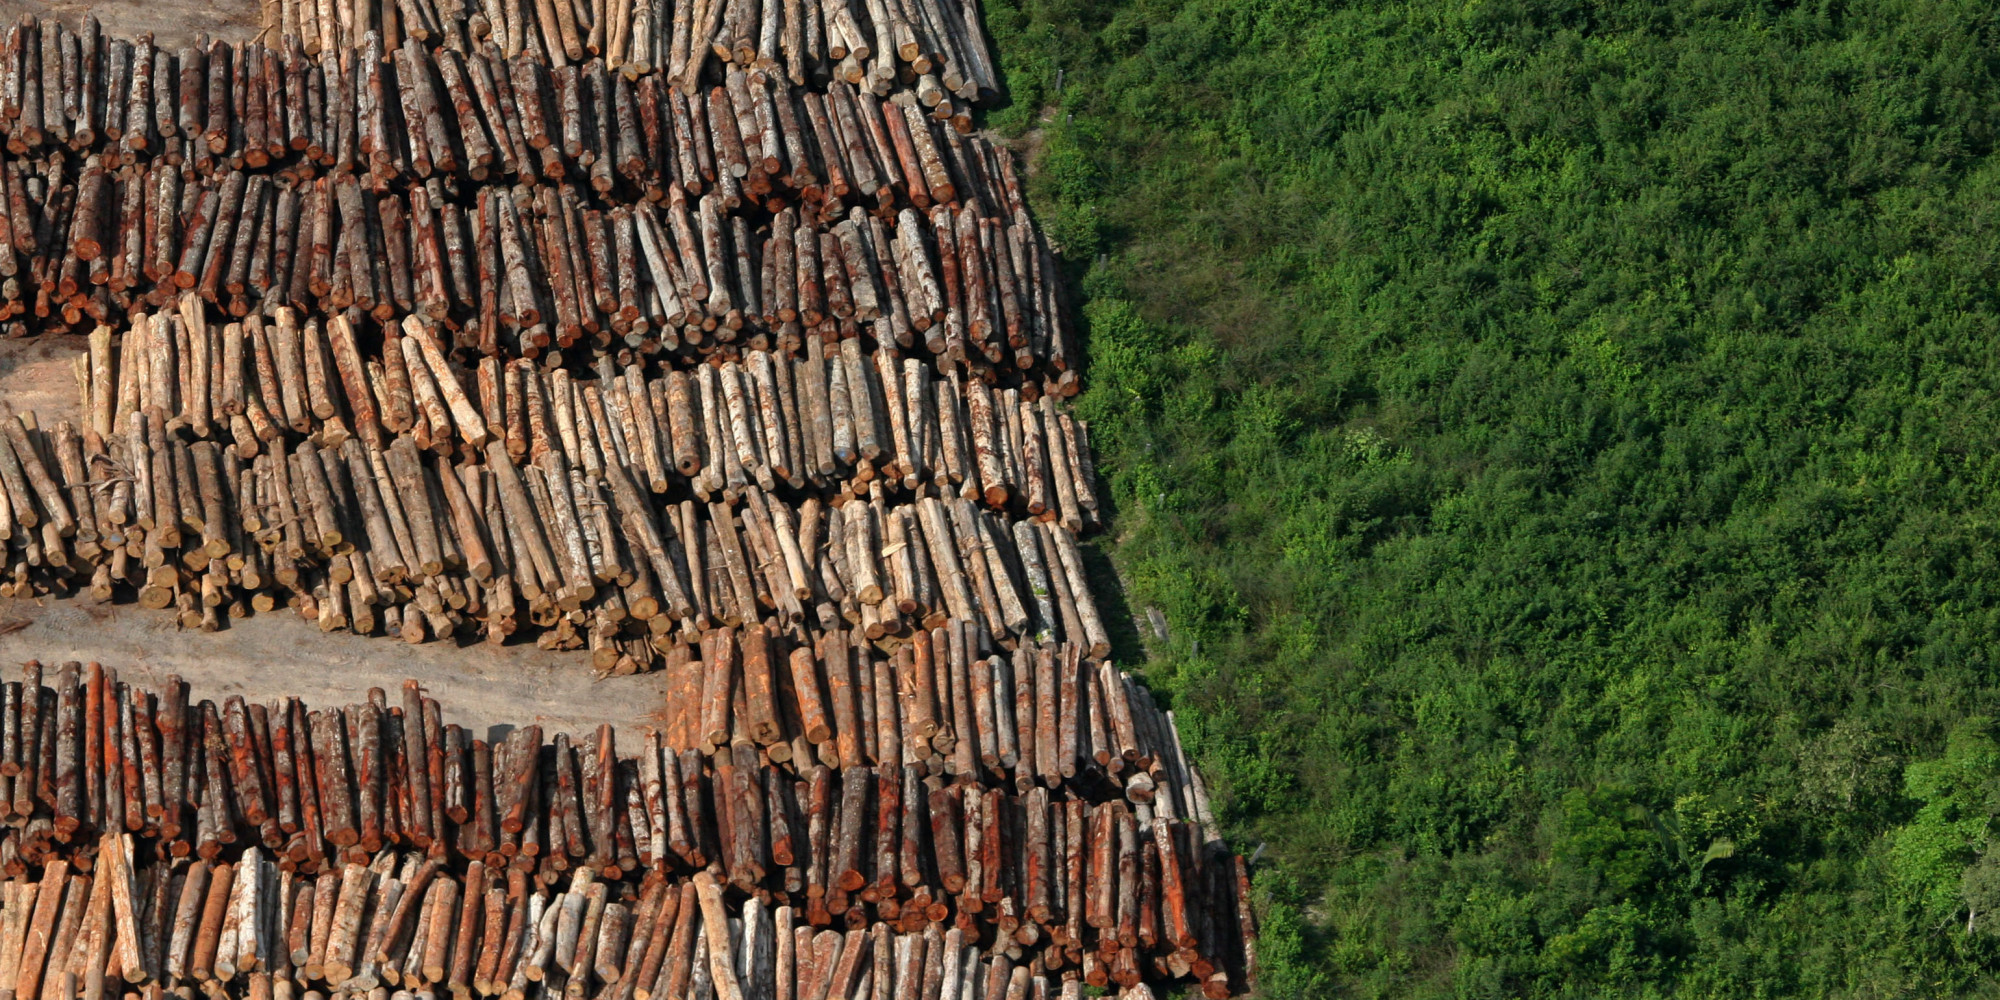 De acordo com Projeto de Monitoramento do Desmatamento na Amazônia Legal por Satélite (PRODES), 8.000 km² foram desmatados entre 2015 e 2016 (Foto: Reprodução/Internet)